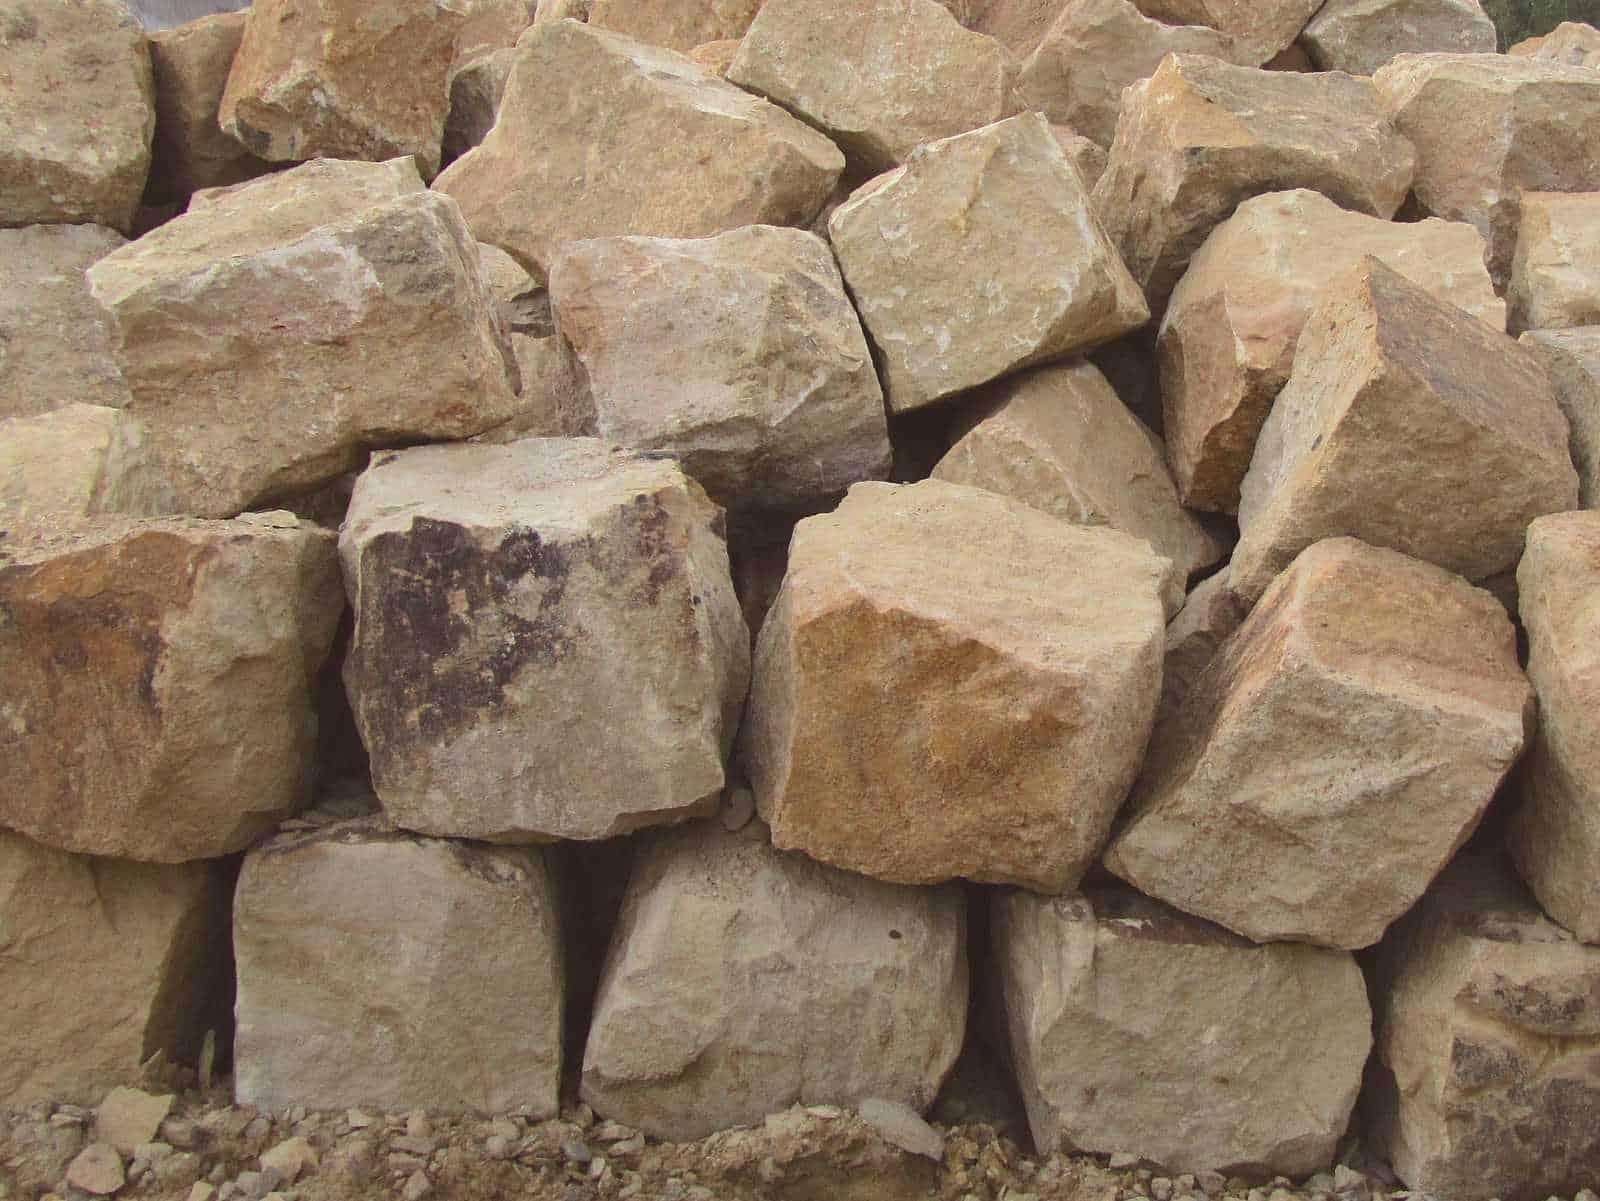 Sitzfelsen Ibbenbuerener Sandstein